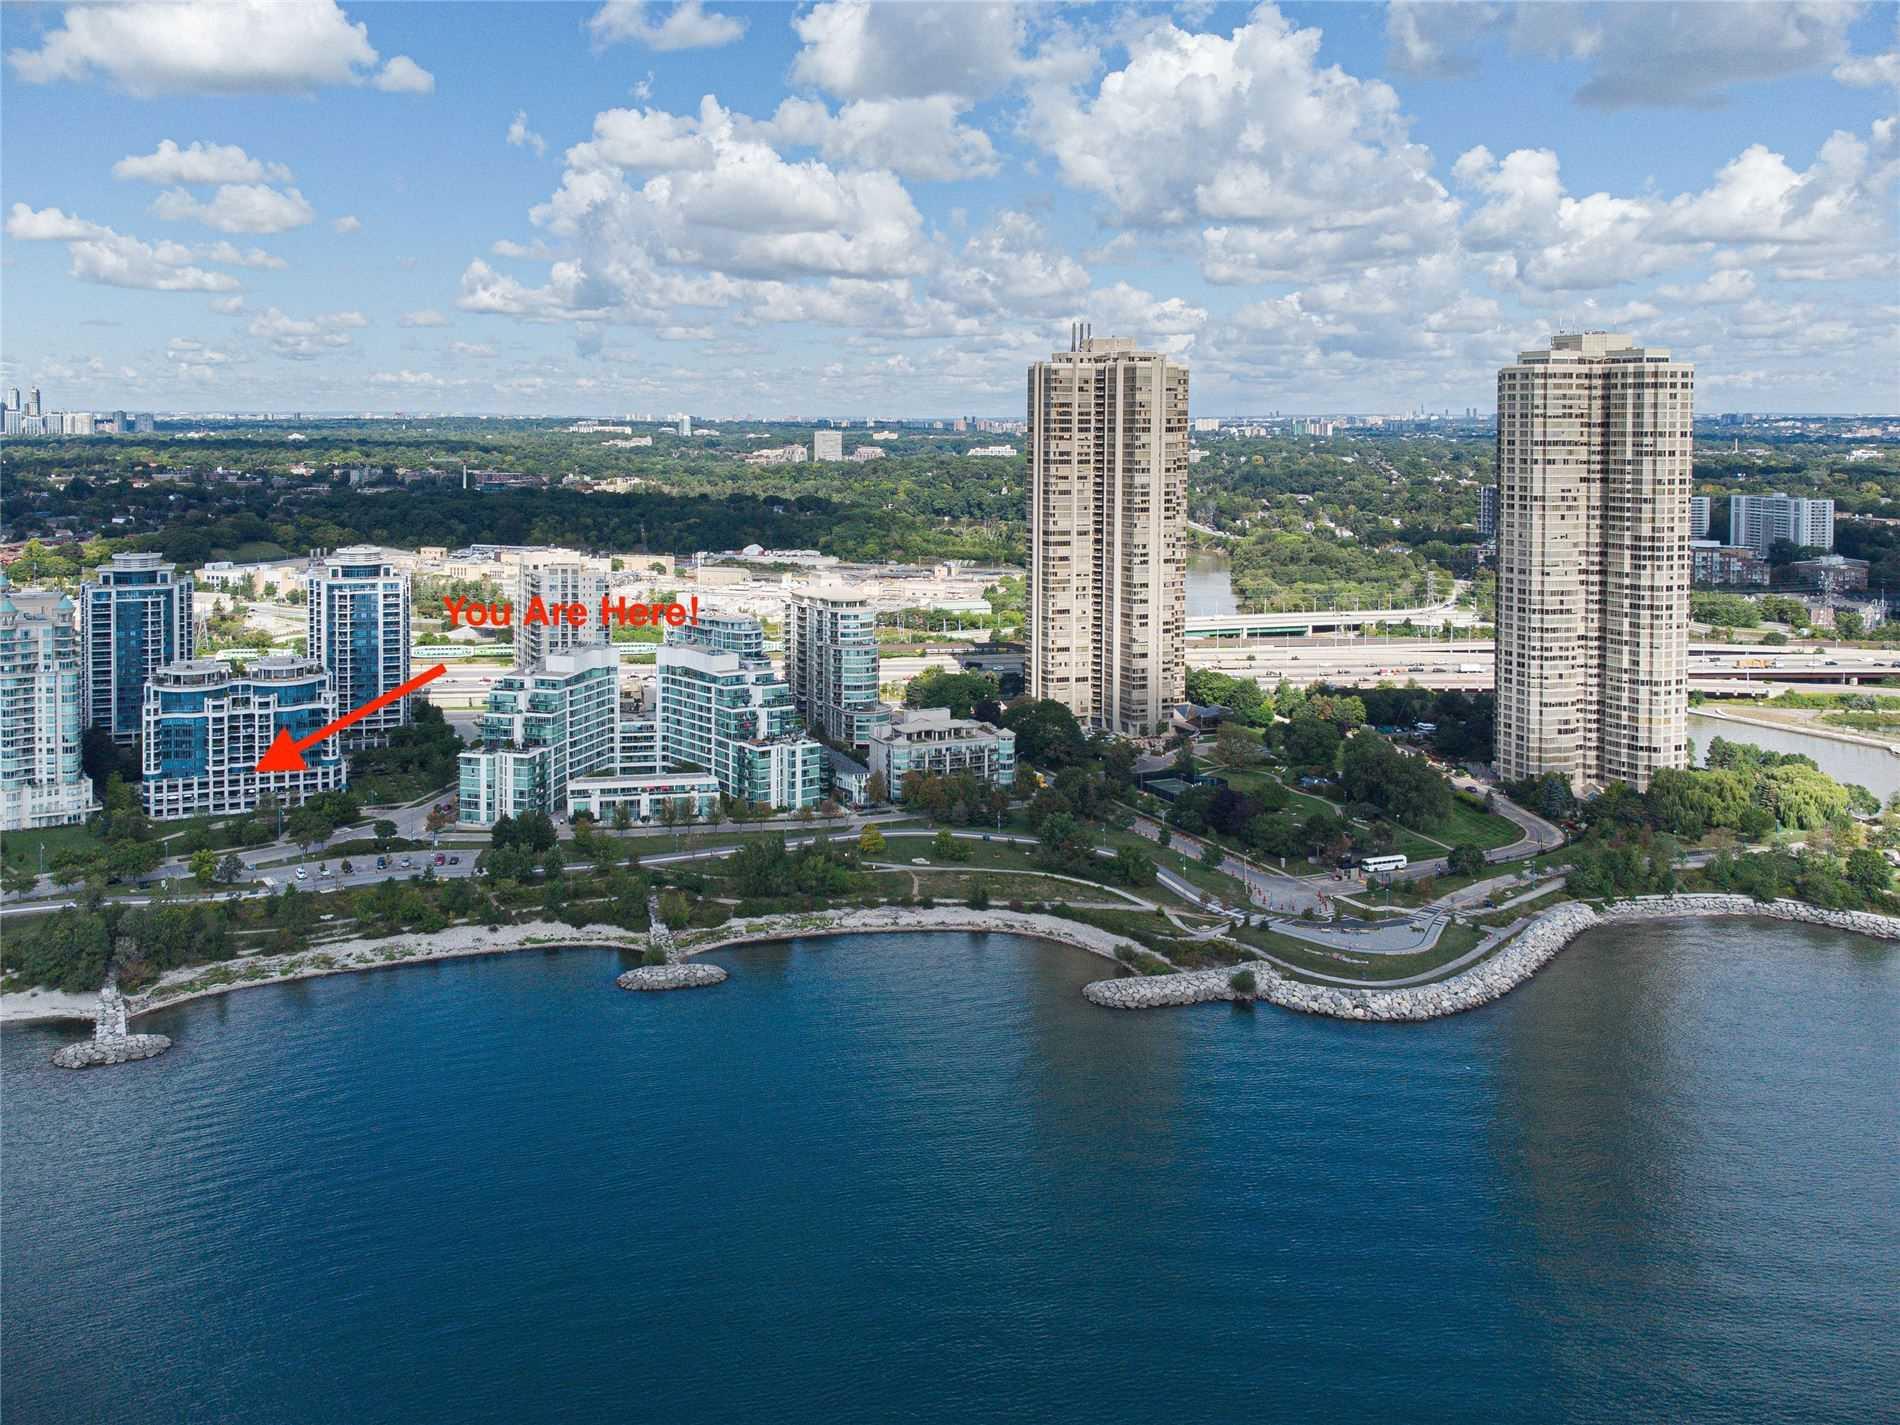 317 - 2095 Lake Shore Blvd W - Mimico Condo Apt for sale, 2 Bedrooms (W5369727) - #36